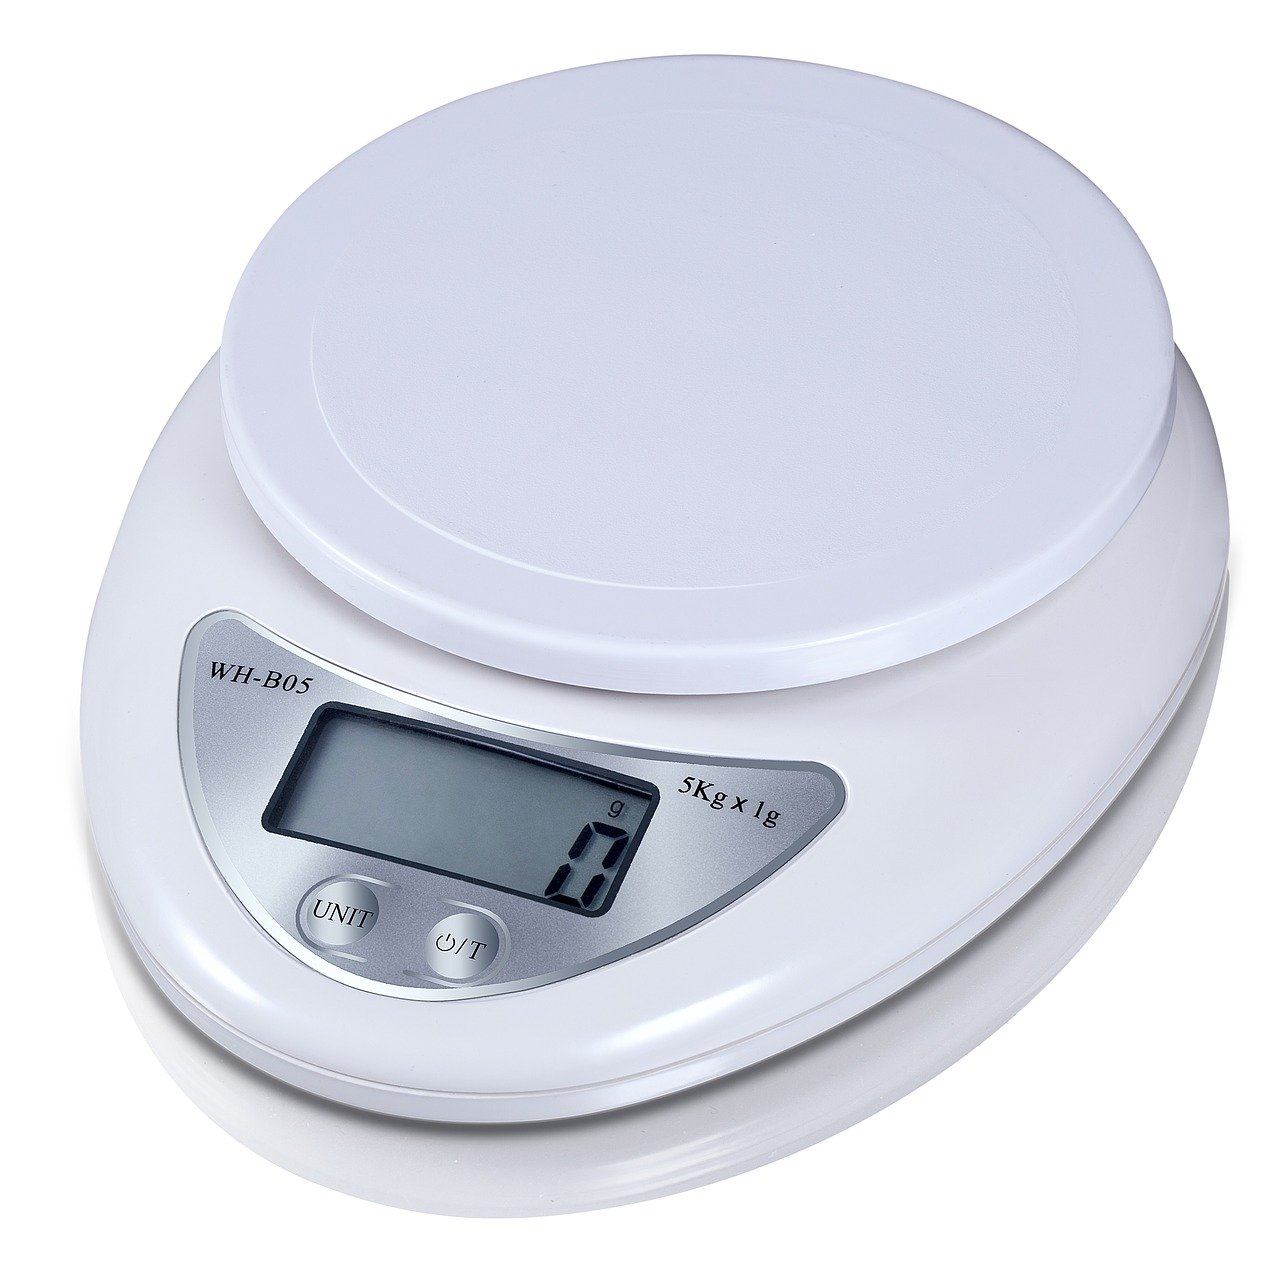 Die Genauigkeit und das Maximalgewicht einer Küchenwaage, findest du in der Bedienungsanleitung oder direkt auf der Waage.